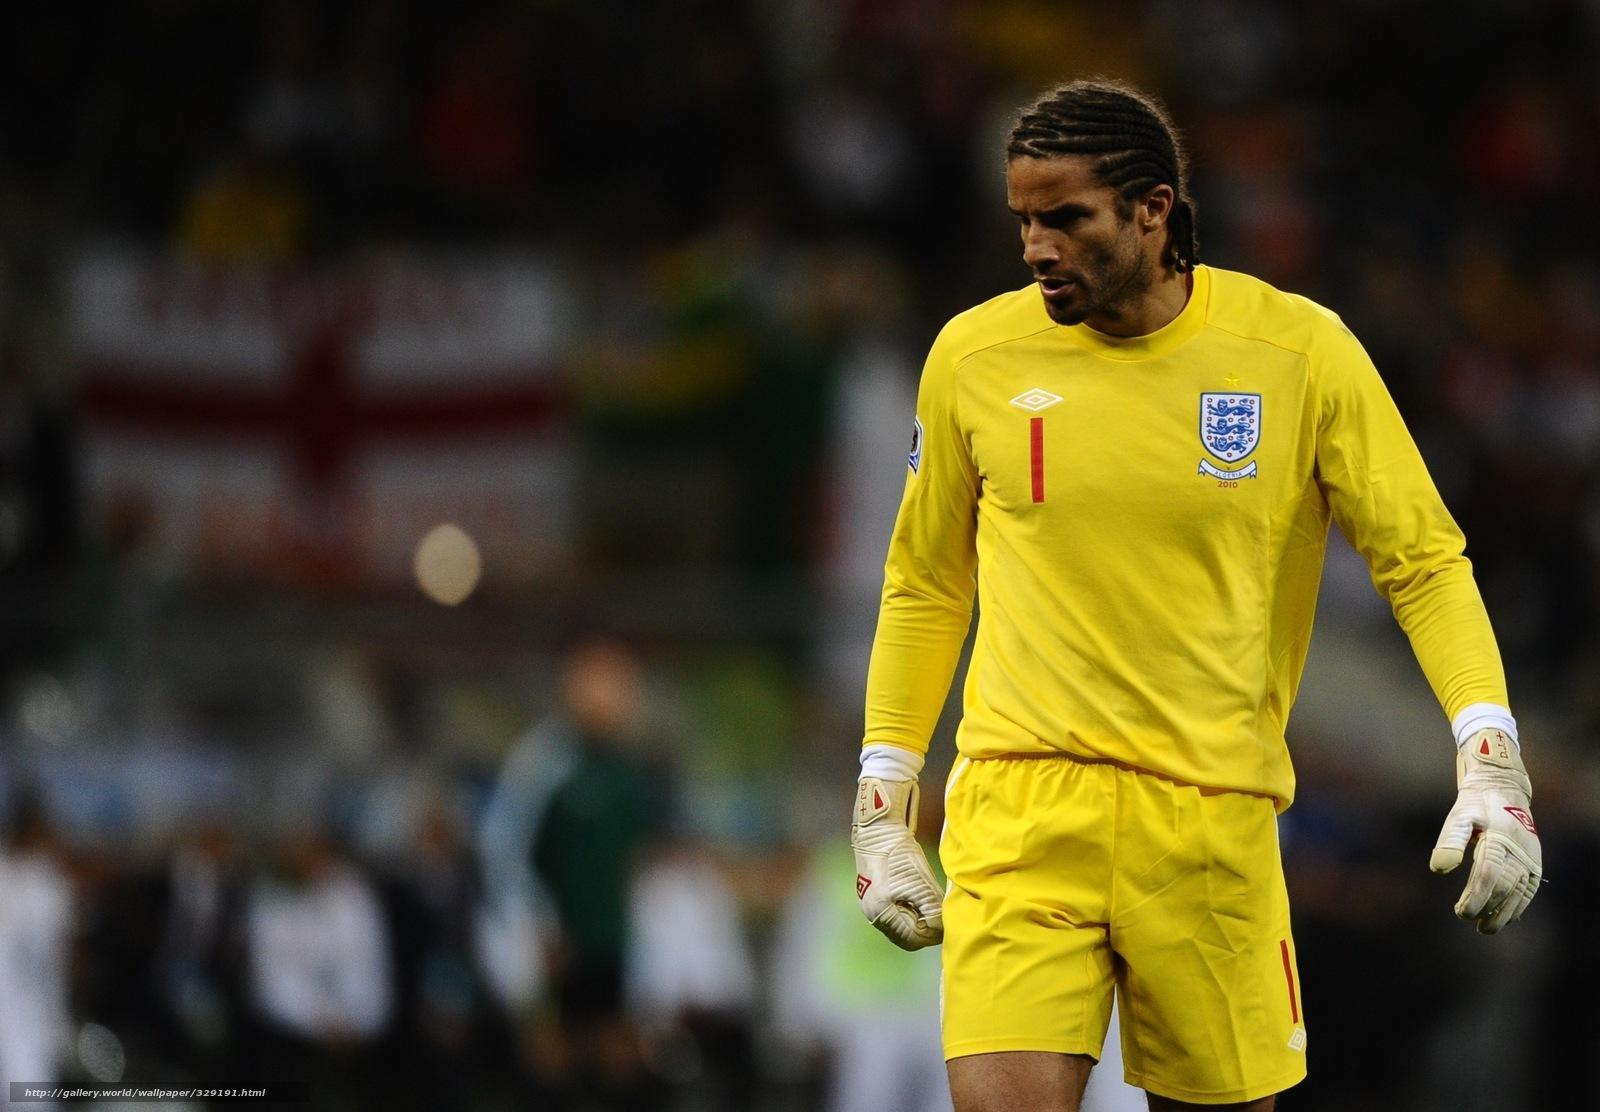 下载壁纸 酷花花公子, 英格兰足球传奇 免费为您的桌